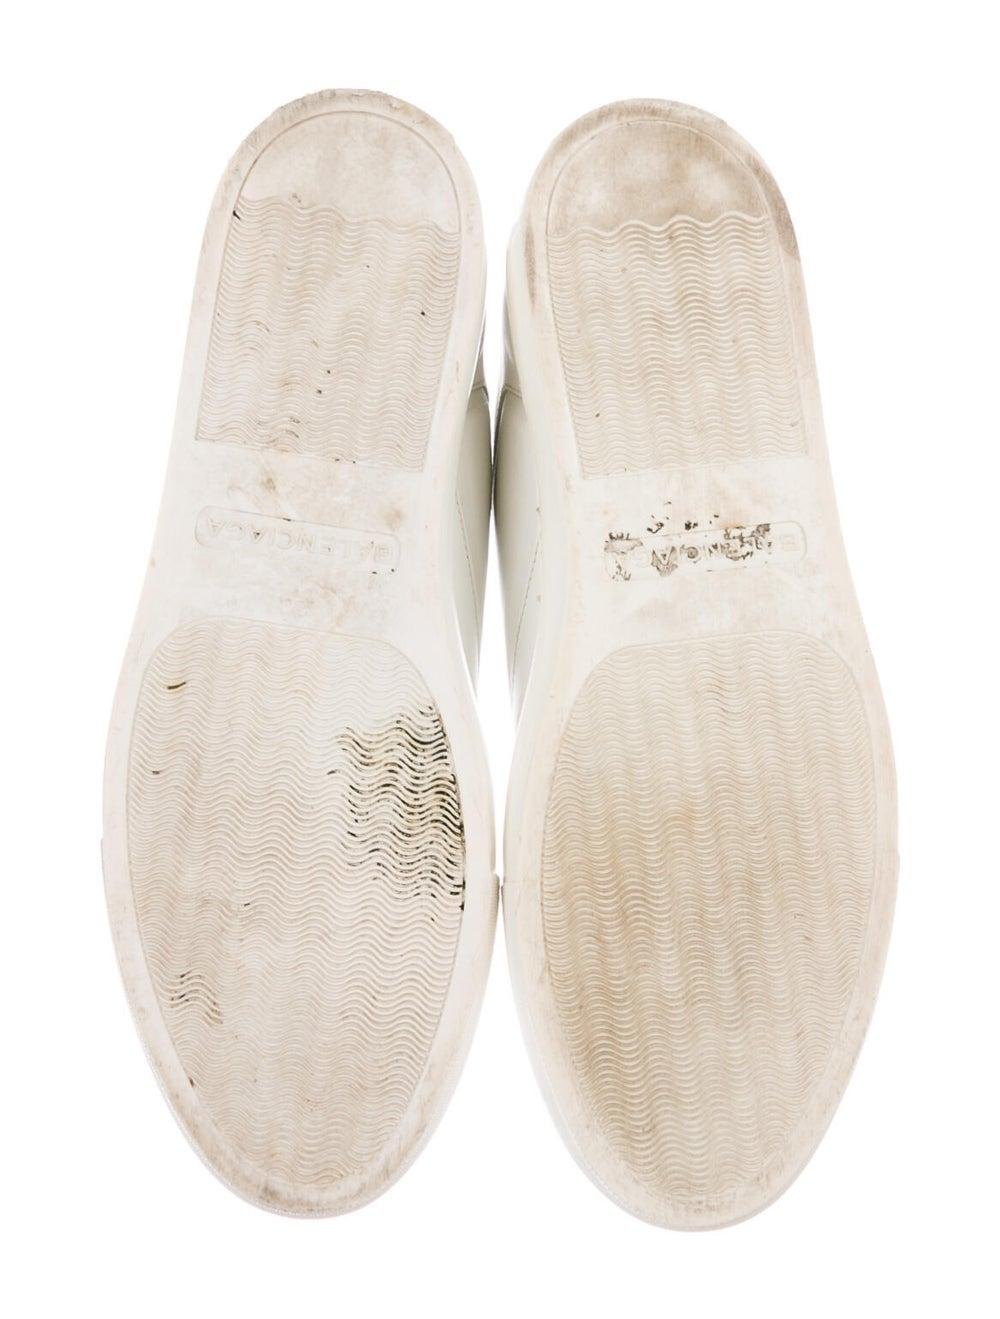 Balenciaga Leather Sneakers White - image 5